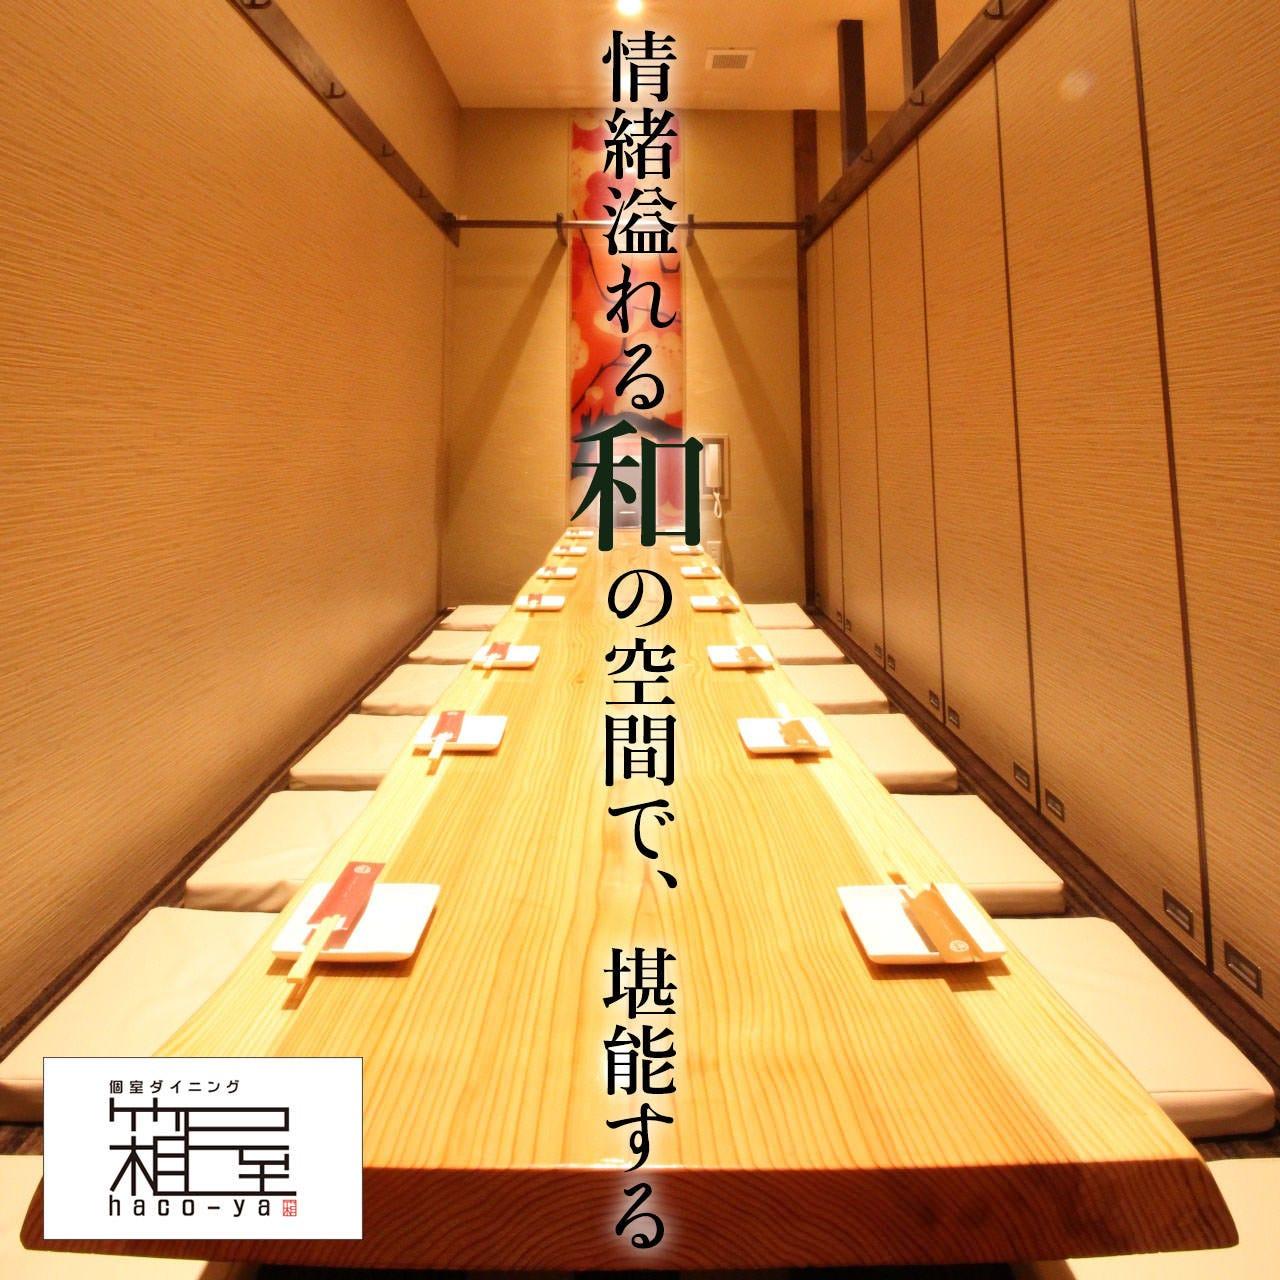 個室ダイニング 箱屋 名古屋駅前店